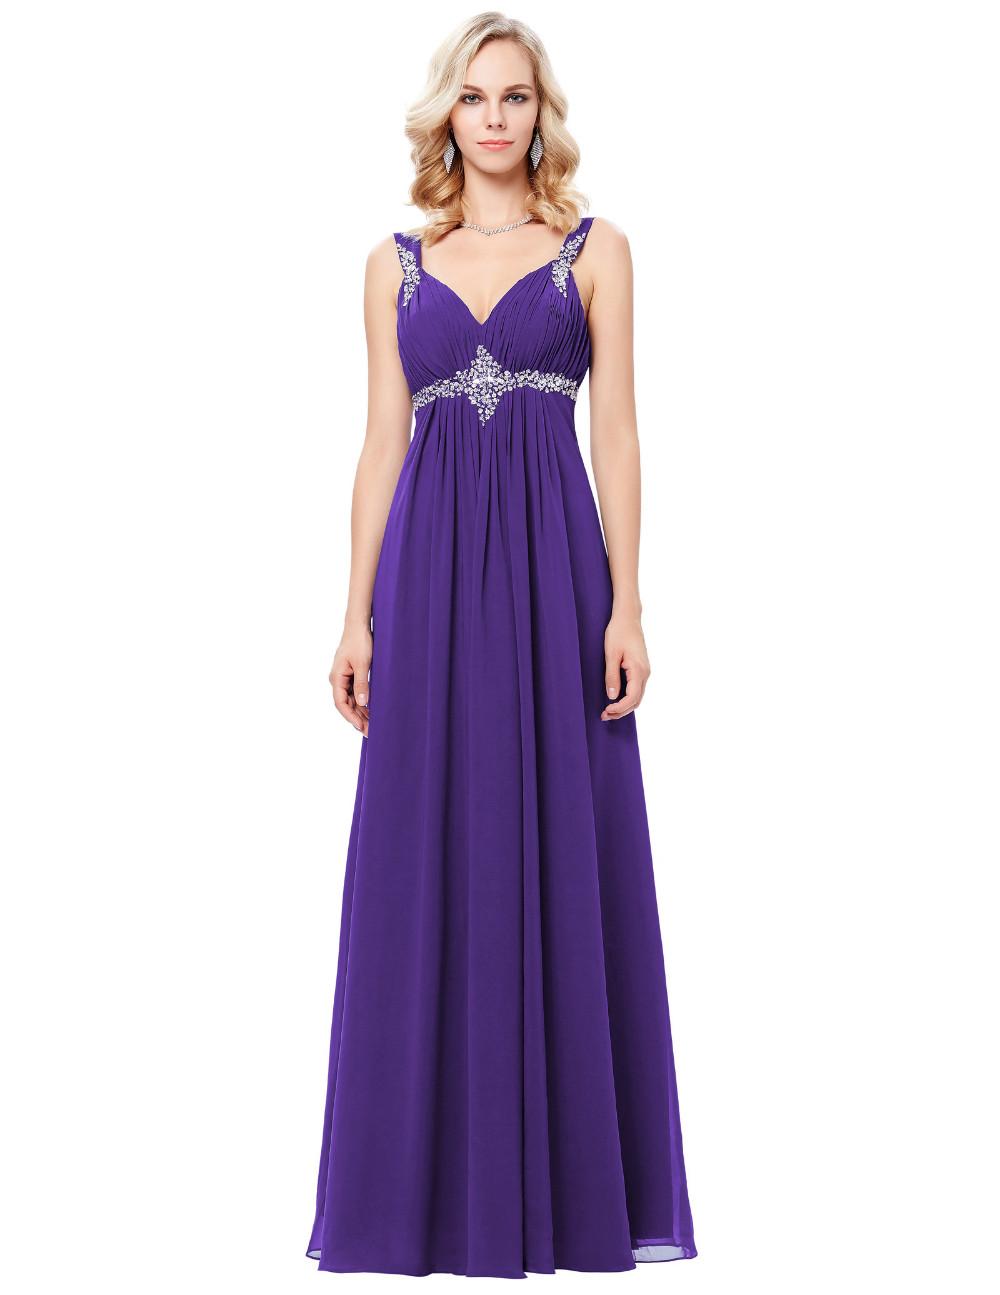 HTB1BJLOOFXXXXbHaFXXq6xXFXXXNLong Formal Dress Elegant Floor Length Chiffon Dress